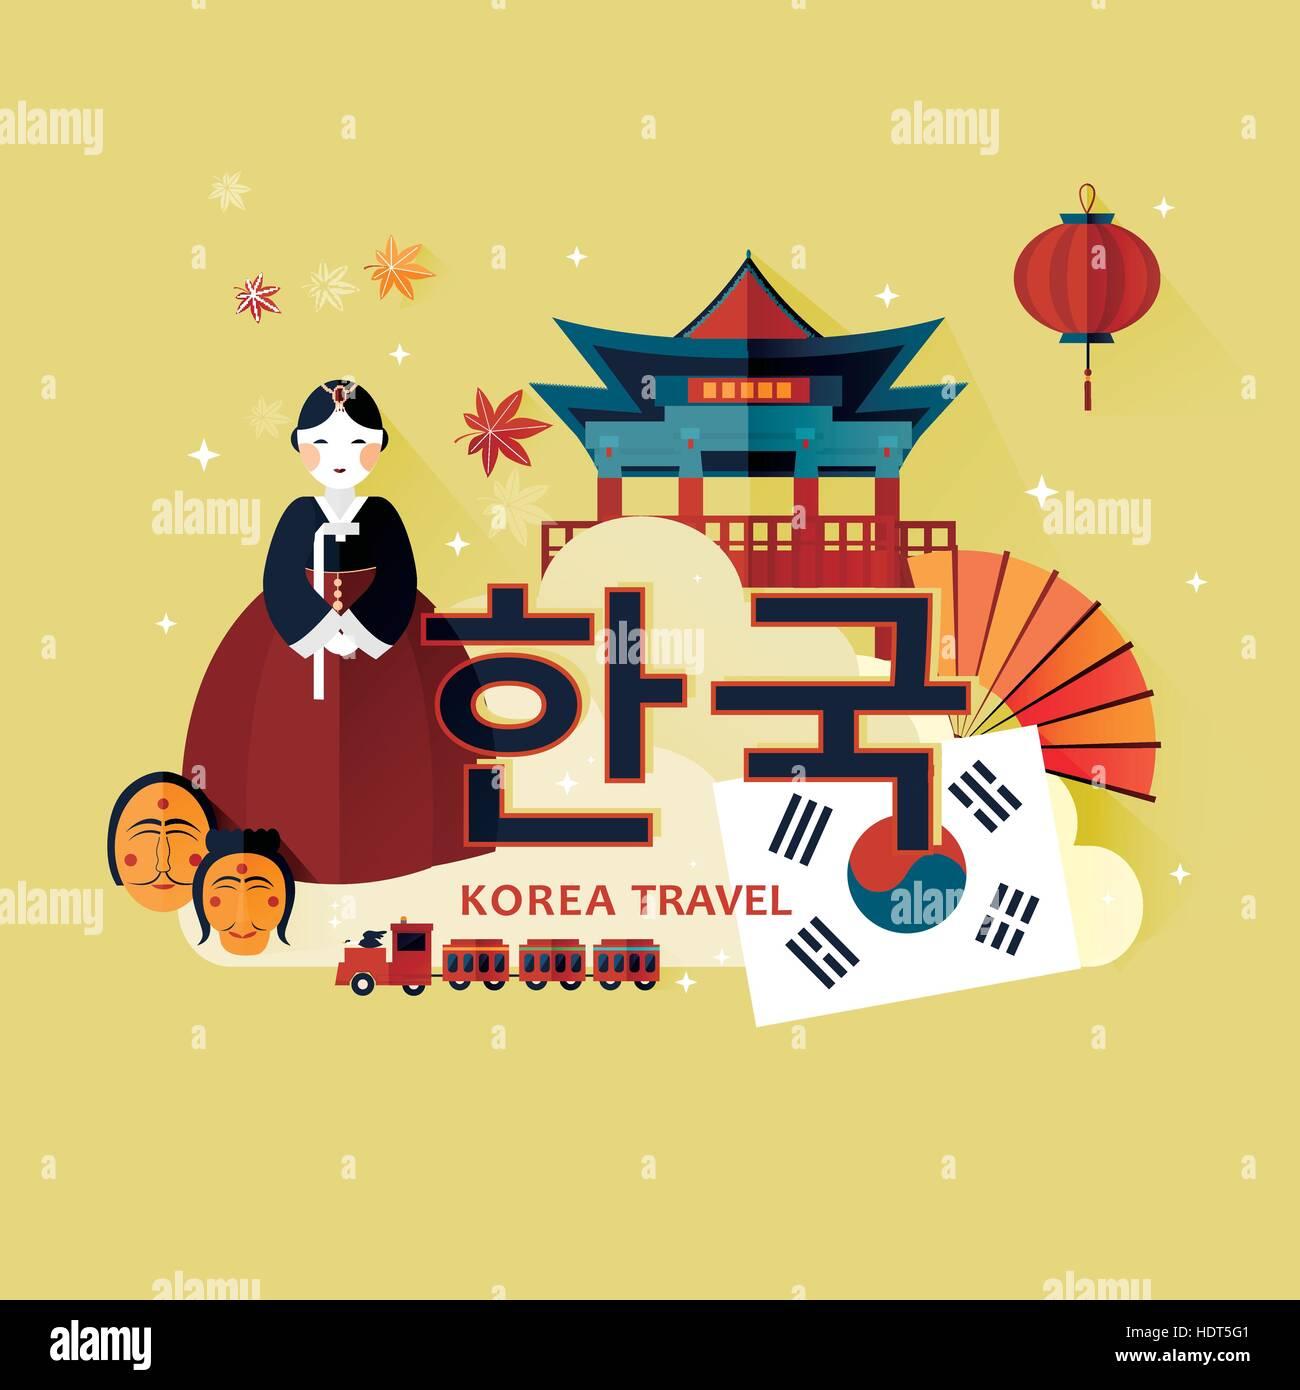 Traditional Korean Culture Symbol In Travel Poster Korea In Korean Stock Vector Art